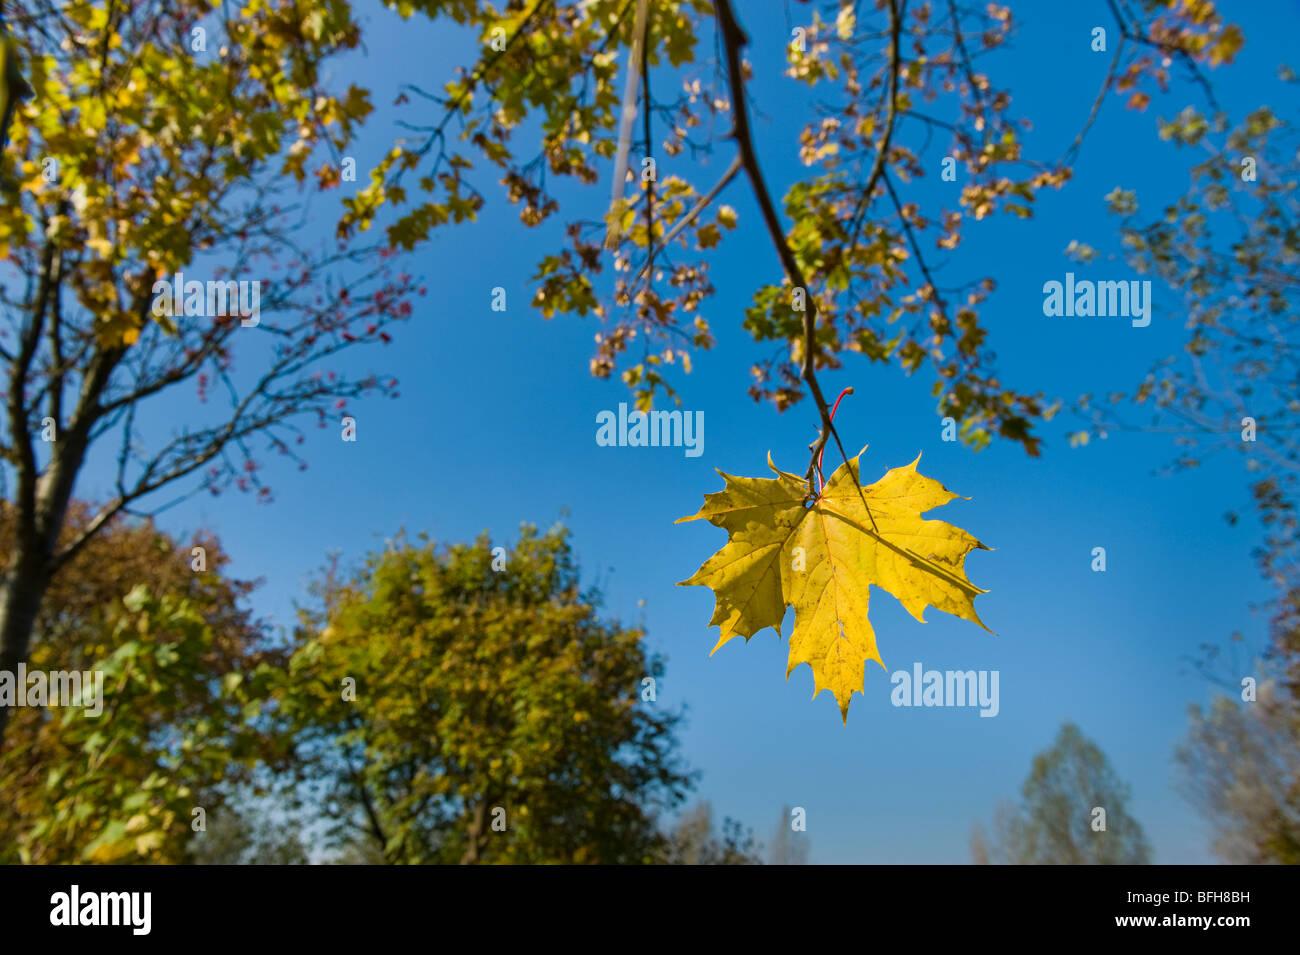 Idylle im Herbst Ambiente noch Stilllife letzte Blatt Blätter Ernte ...